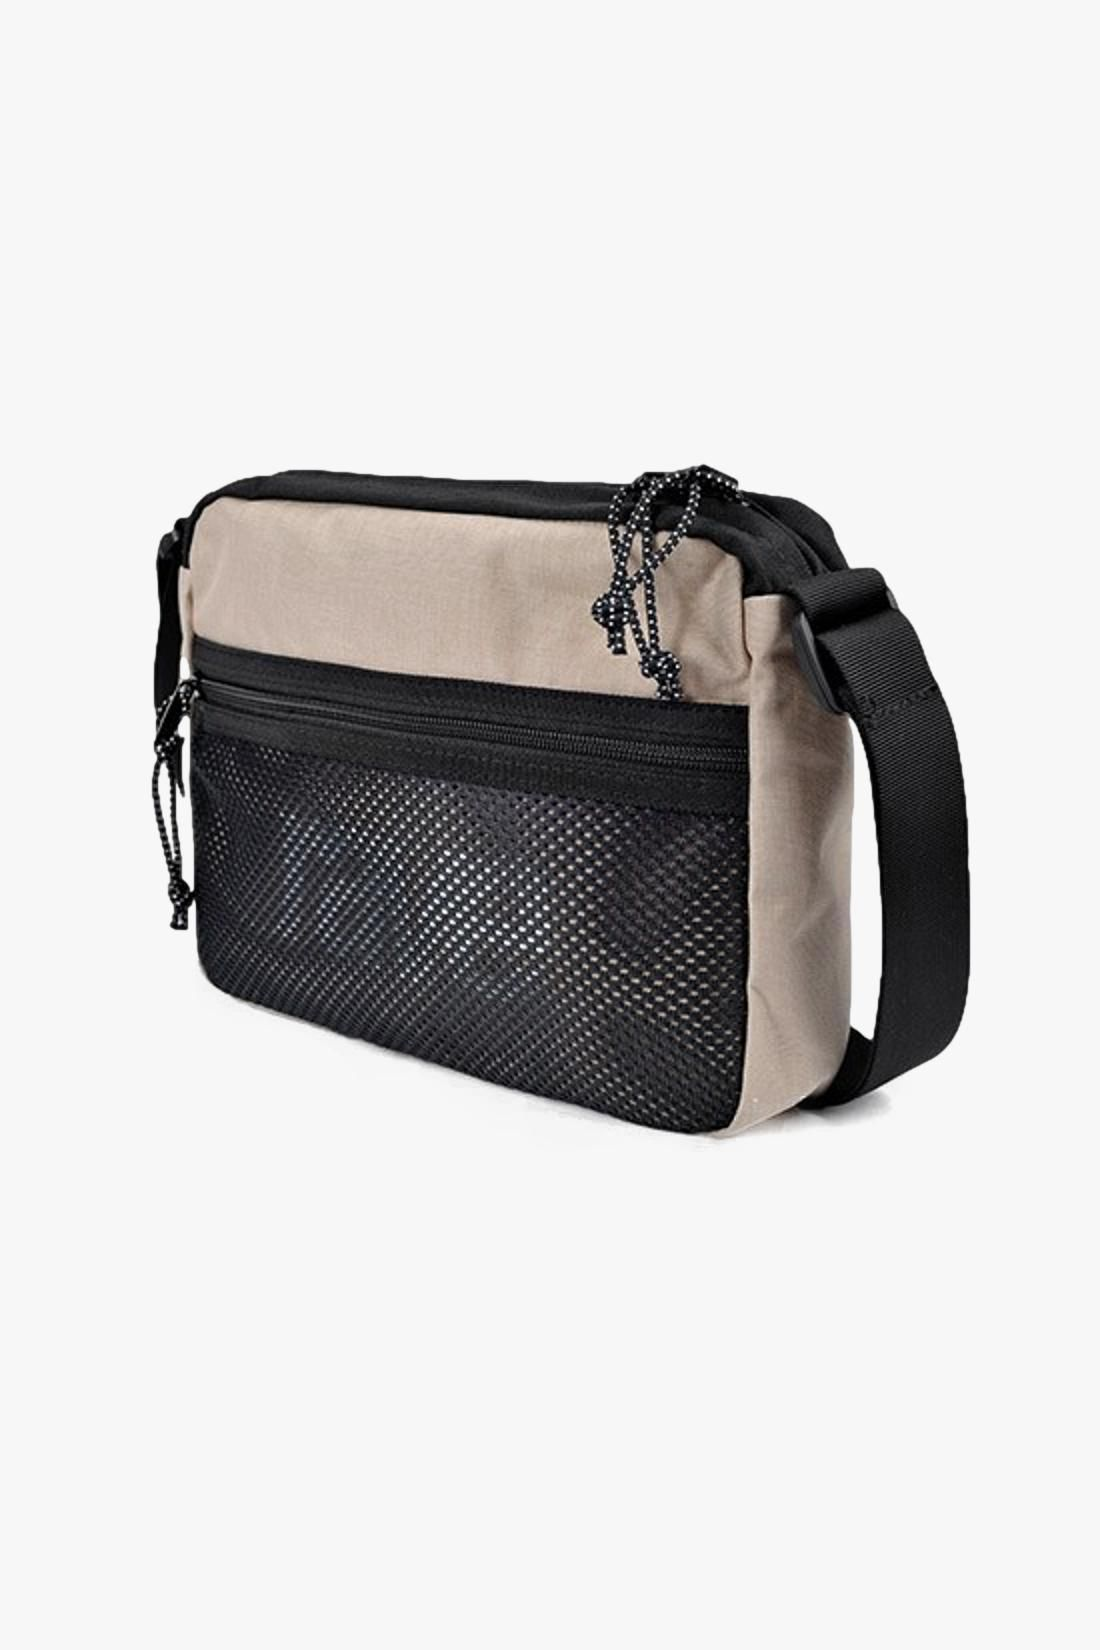 RAVE / Shoulder bag Sand/black